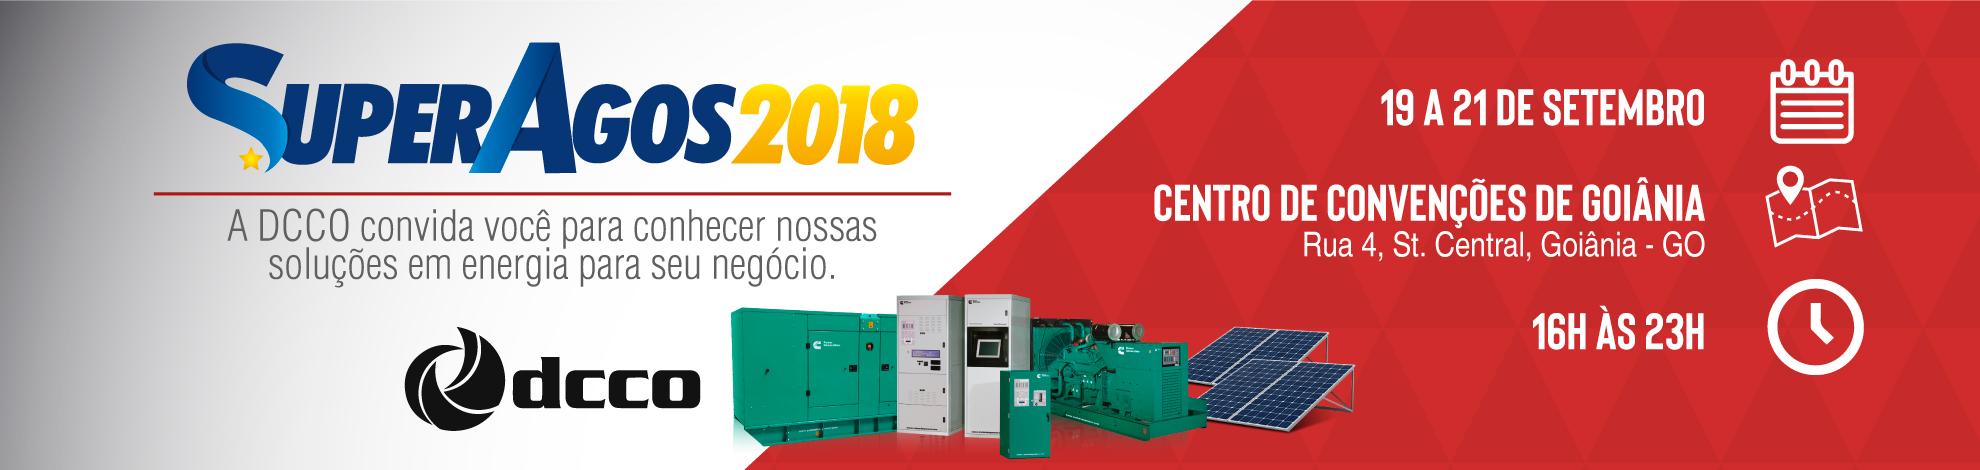 Superagos 2018